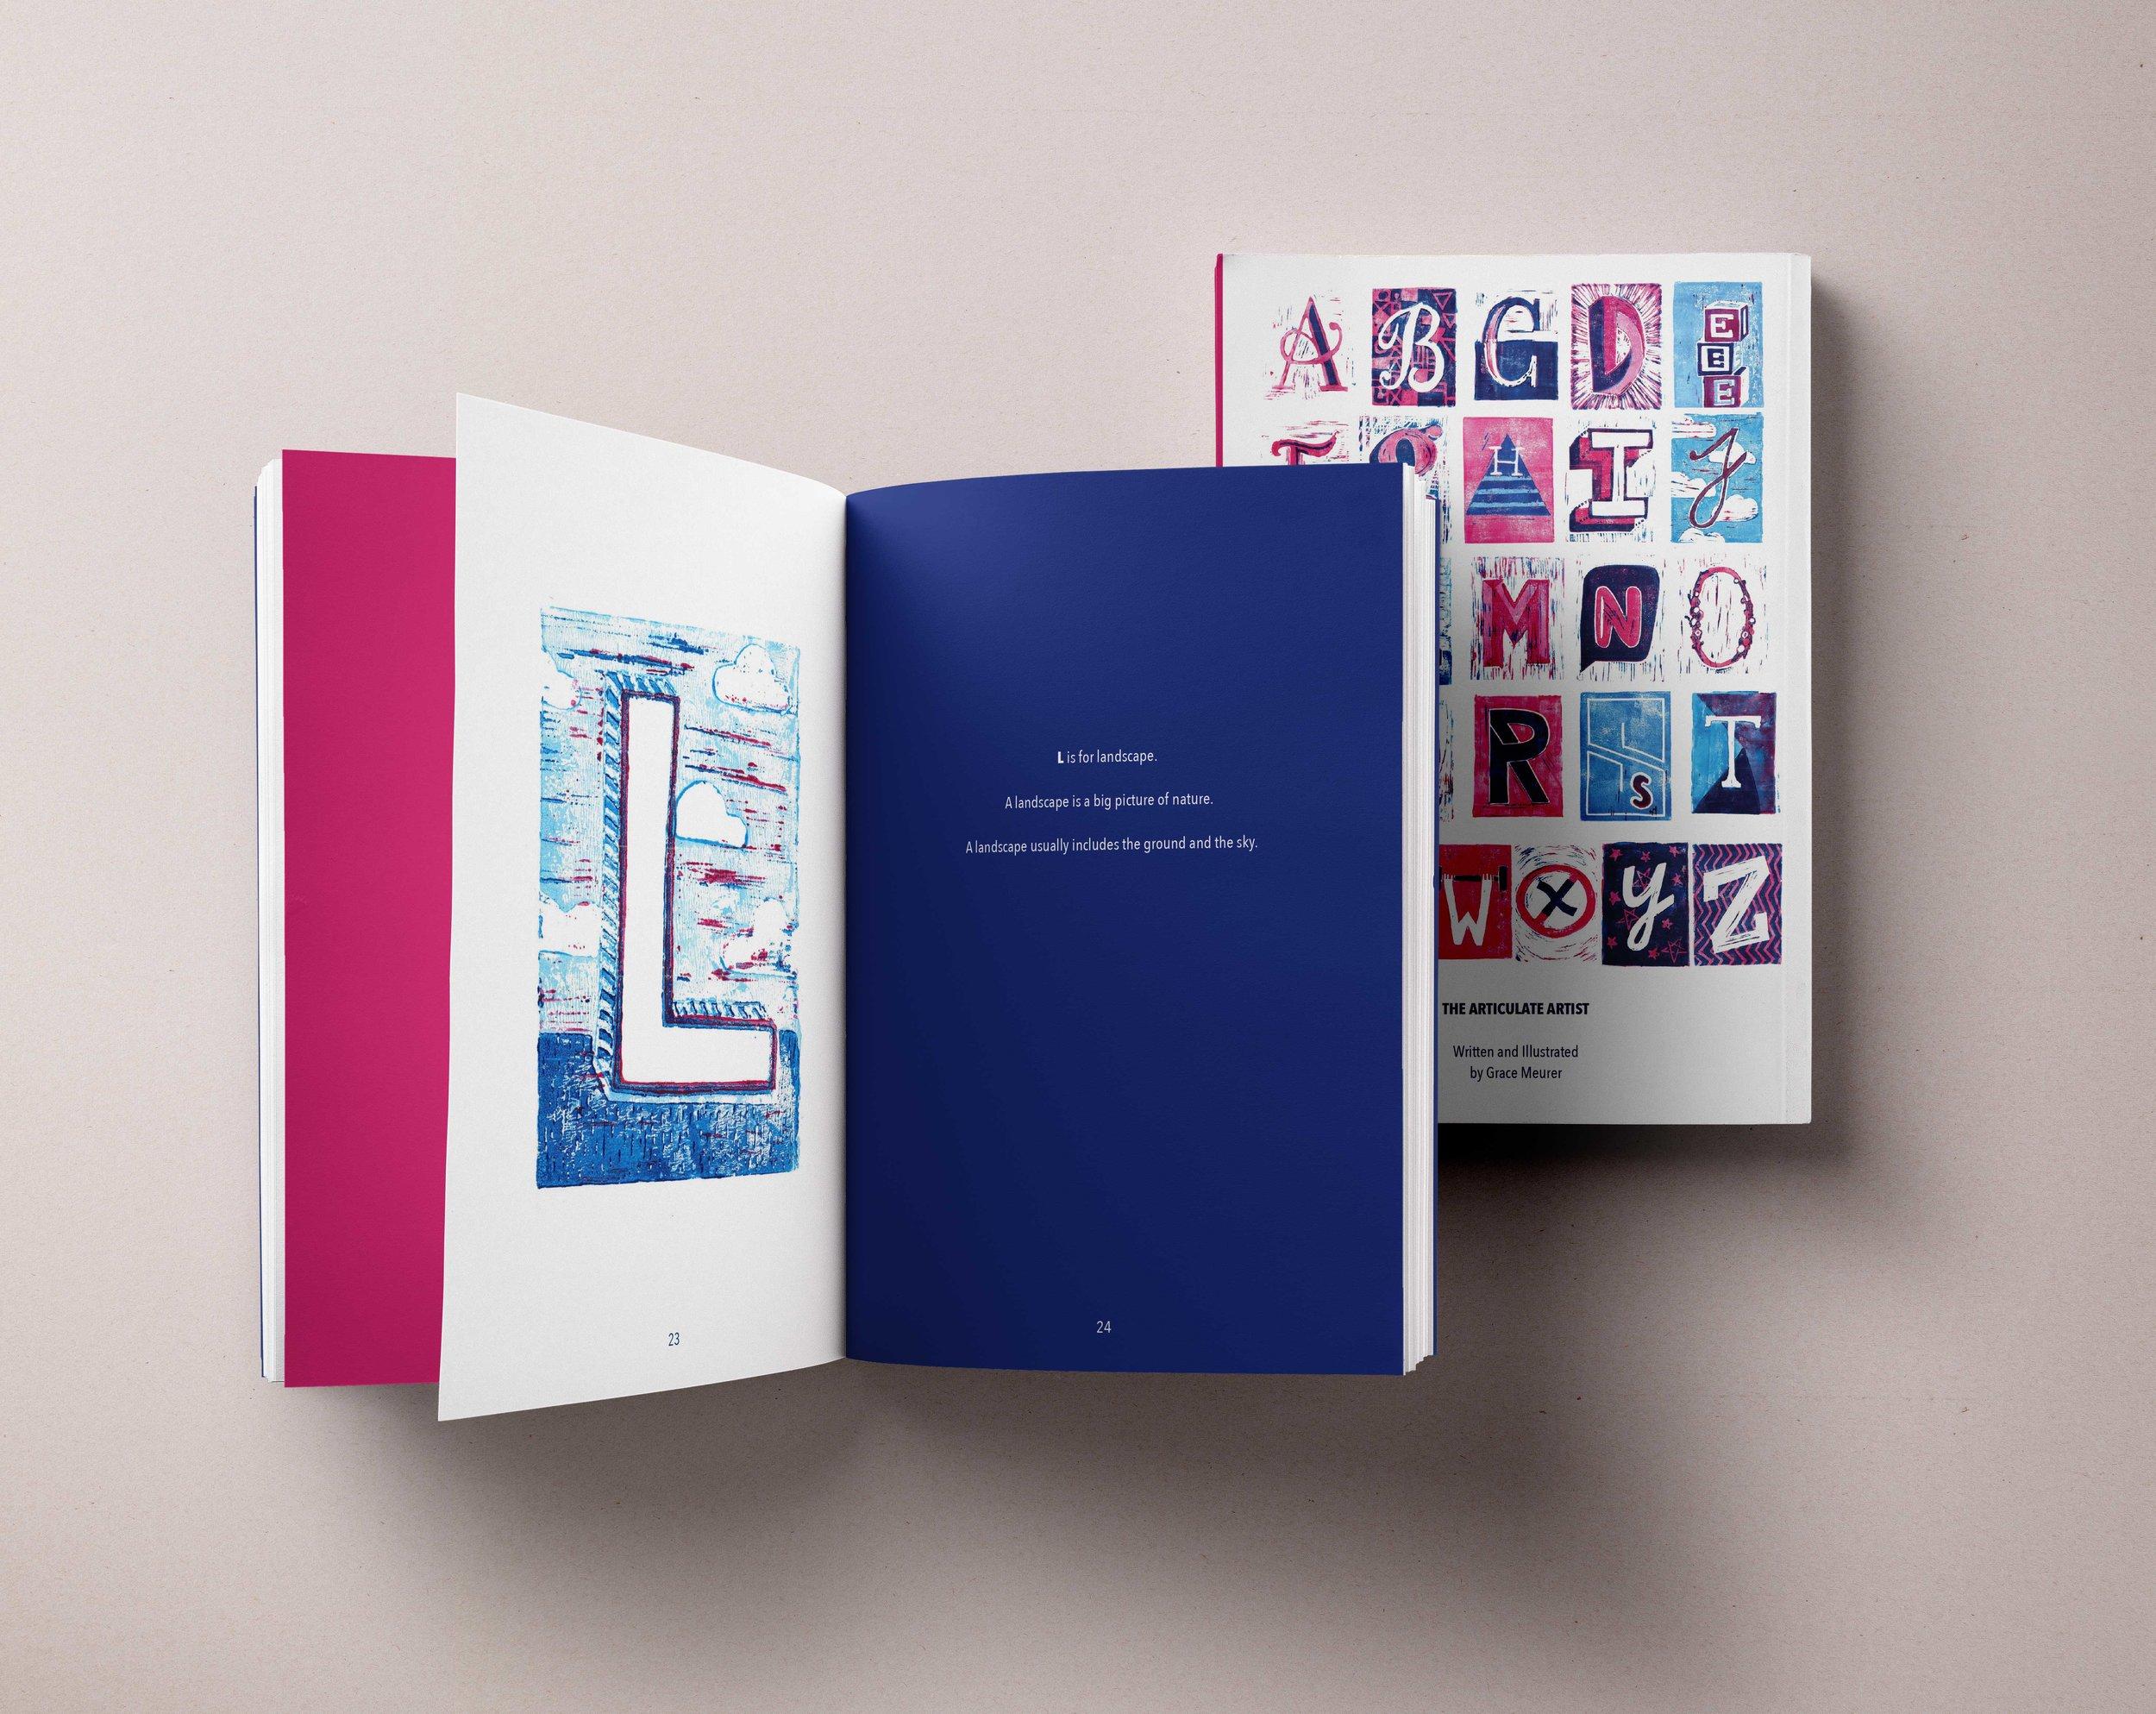 Paperback-Book-Mockup-vol-2_v2.jpg